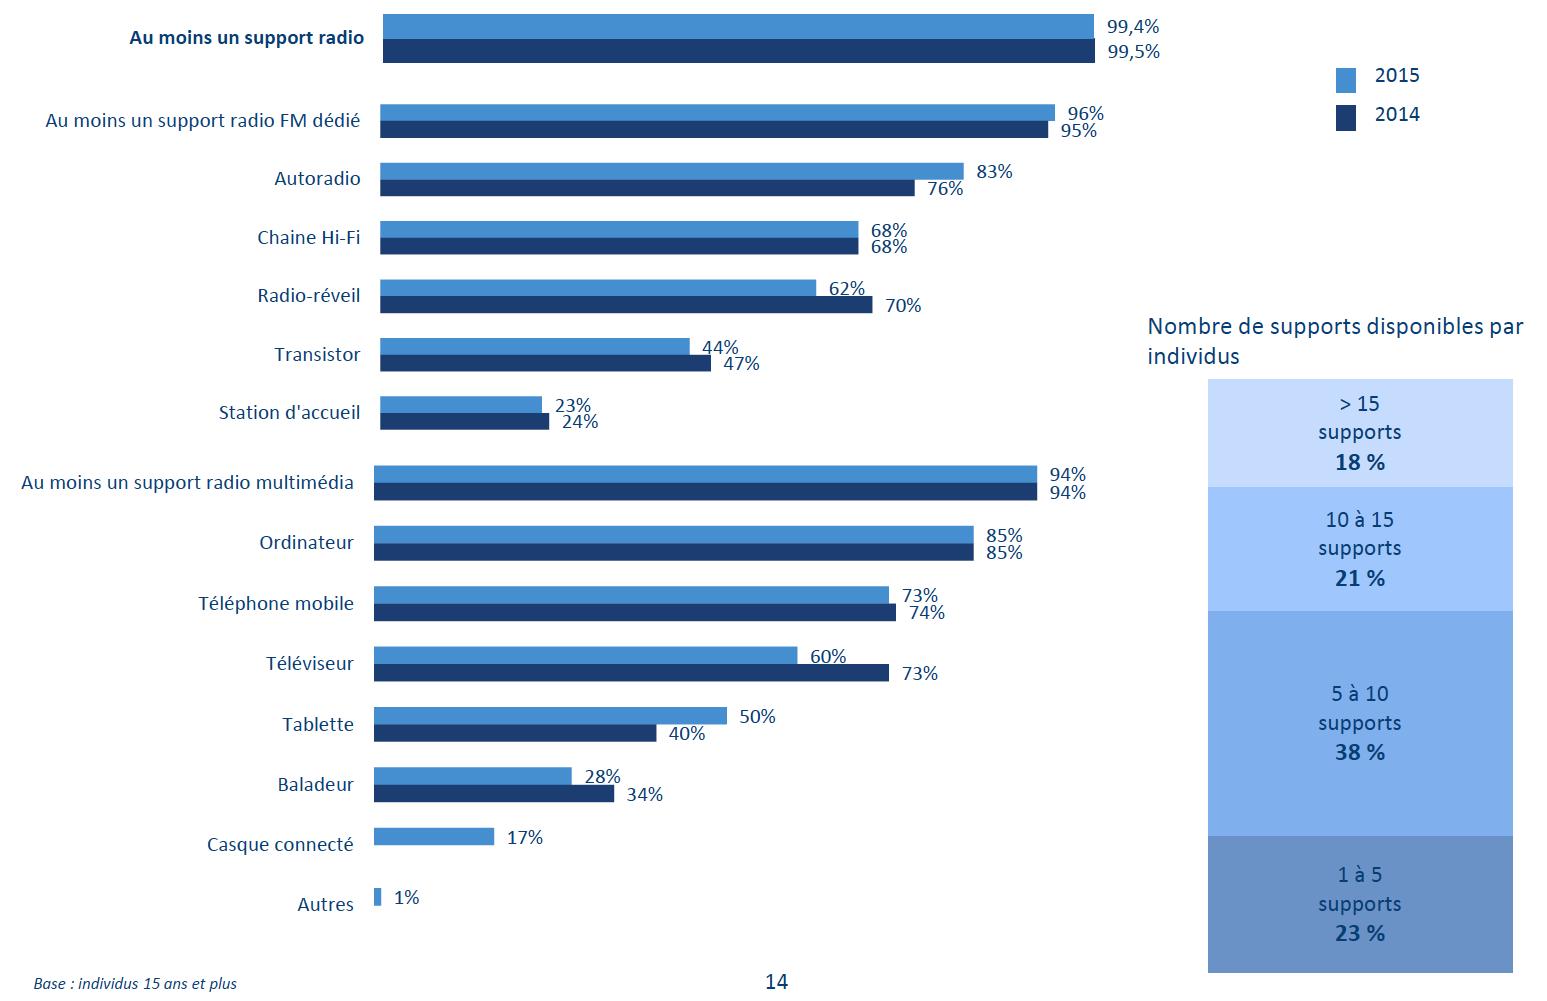 99.5 % des individus ont accès à un équipement radio